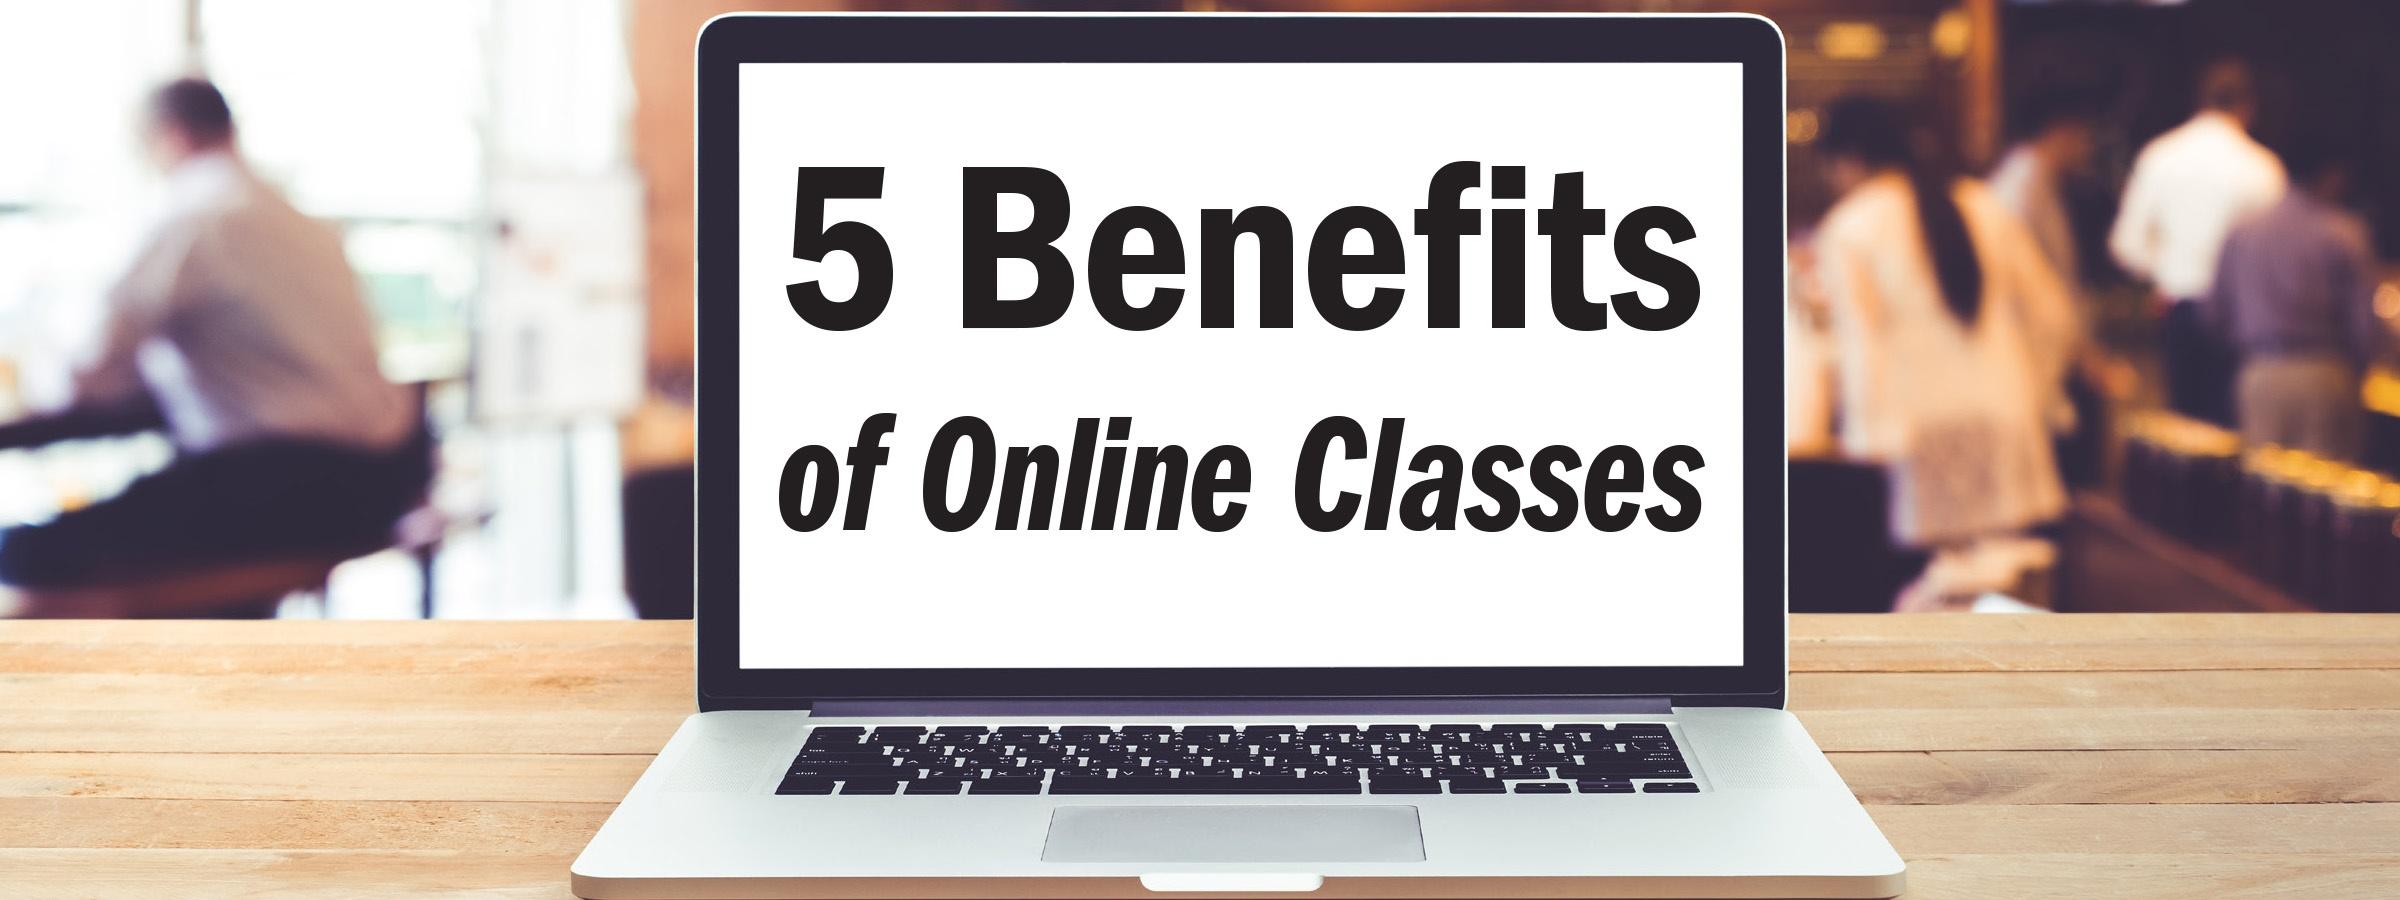 5 benefits of online classes jjc joliet junior college